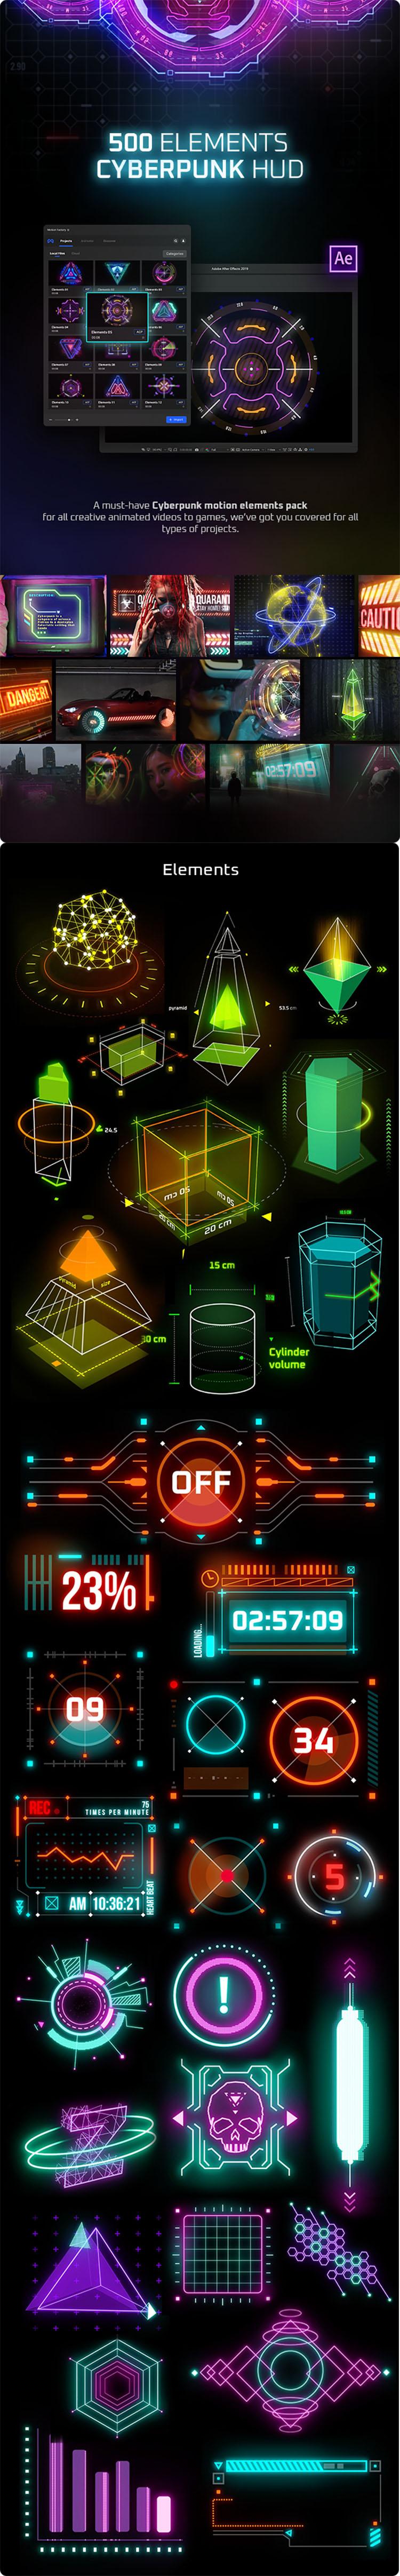 AE脚本-500+赛博朋克HUD元素科幻未来医疗网格图示视频包装动画